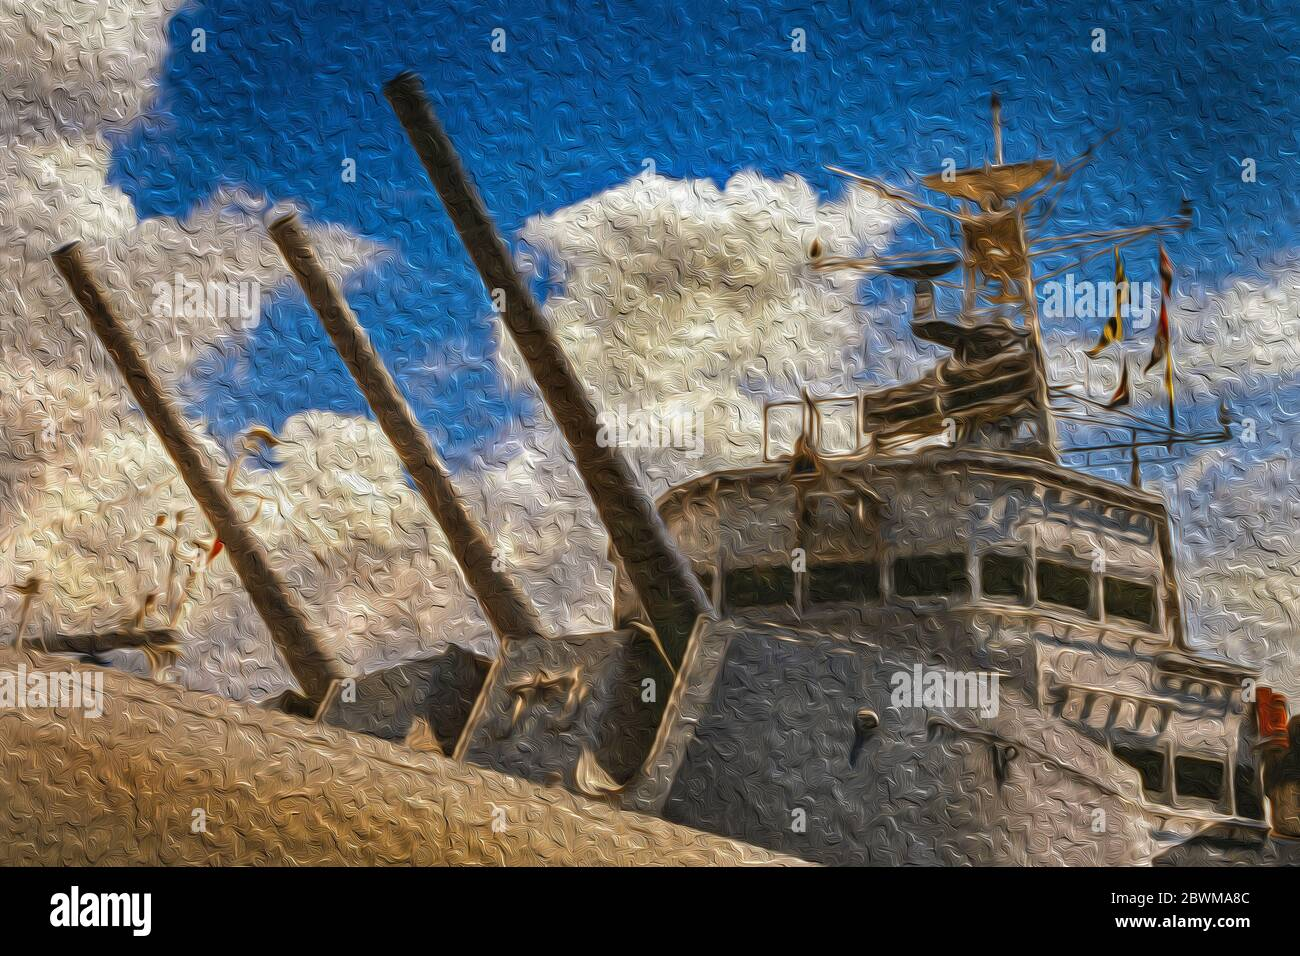 Cañones pesados y puente de barcos en el buque de guerra HMS Belfast en Londres. Capital de Inglaterra y el Reino Unido. Foto de stock